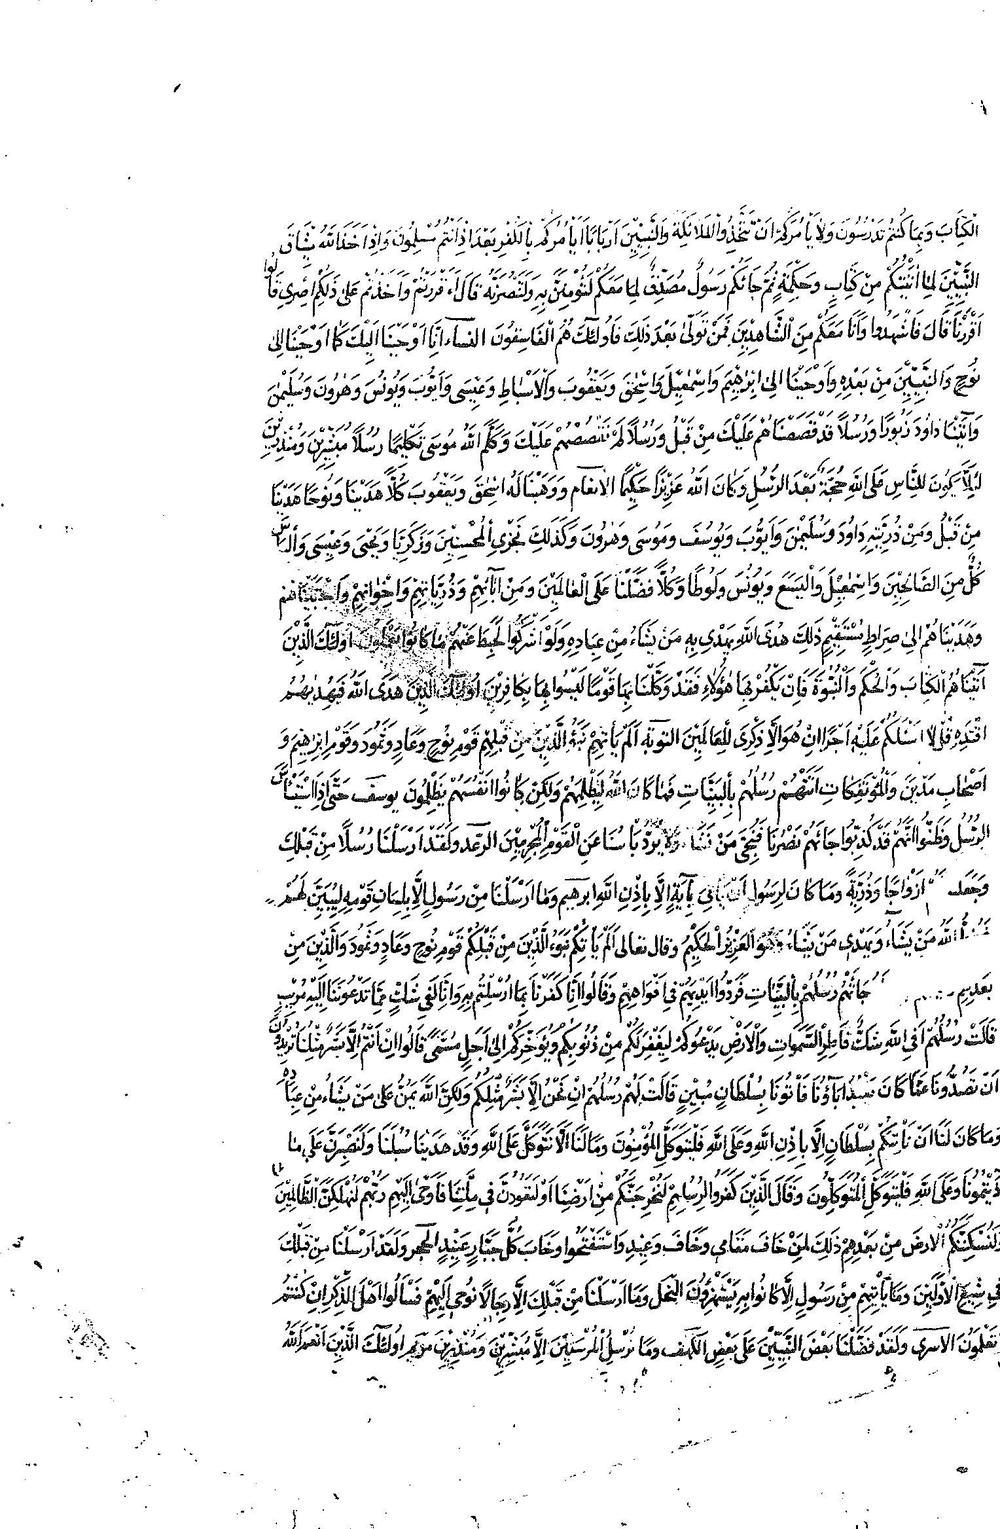 تحميل كتاب بحارالانوار  الجامعه لدرر اخبار الائمه الاطهار ع  ل pdf